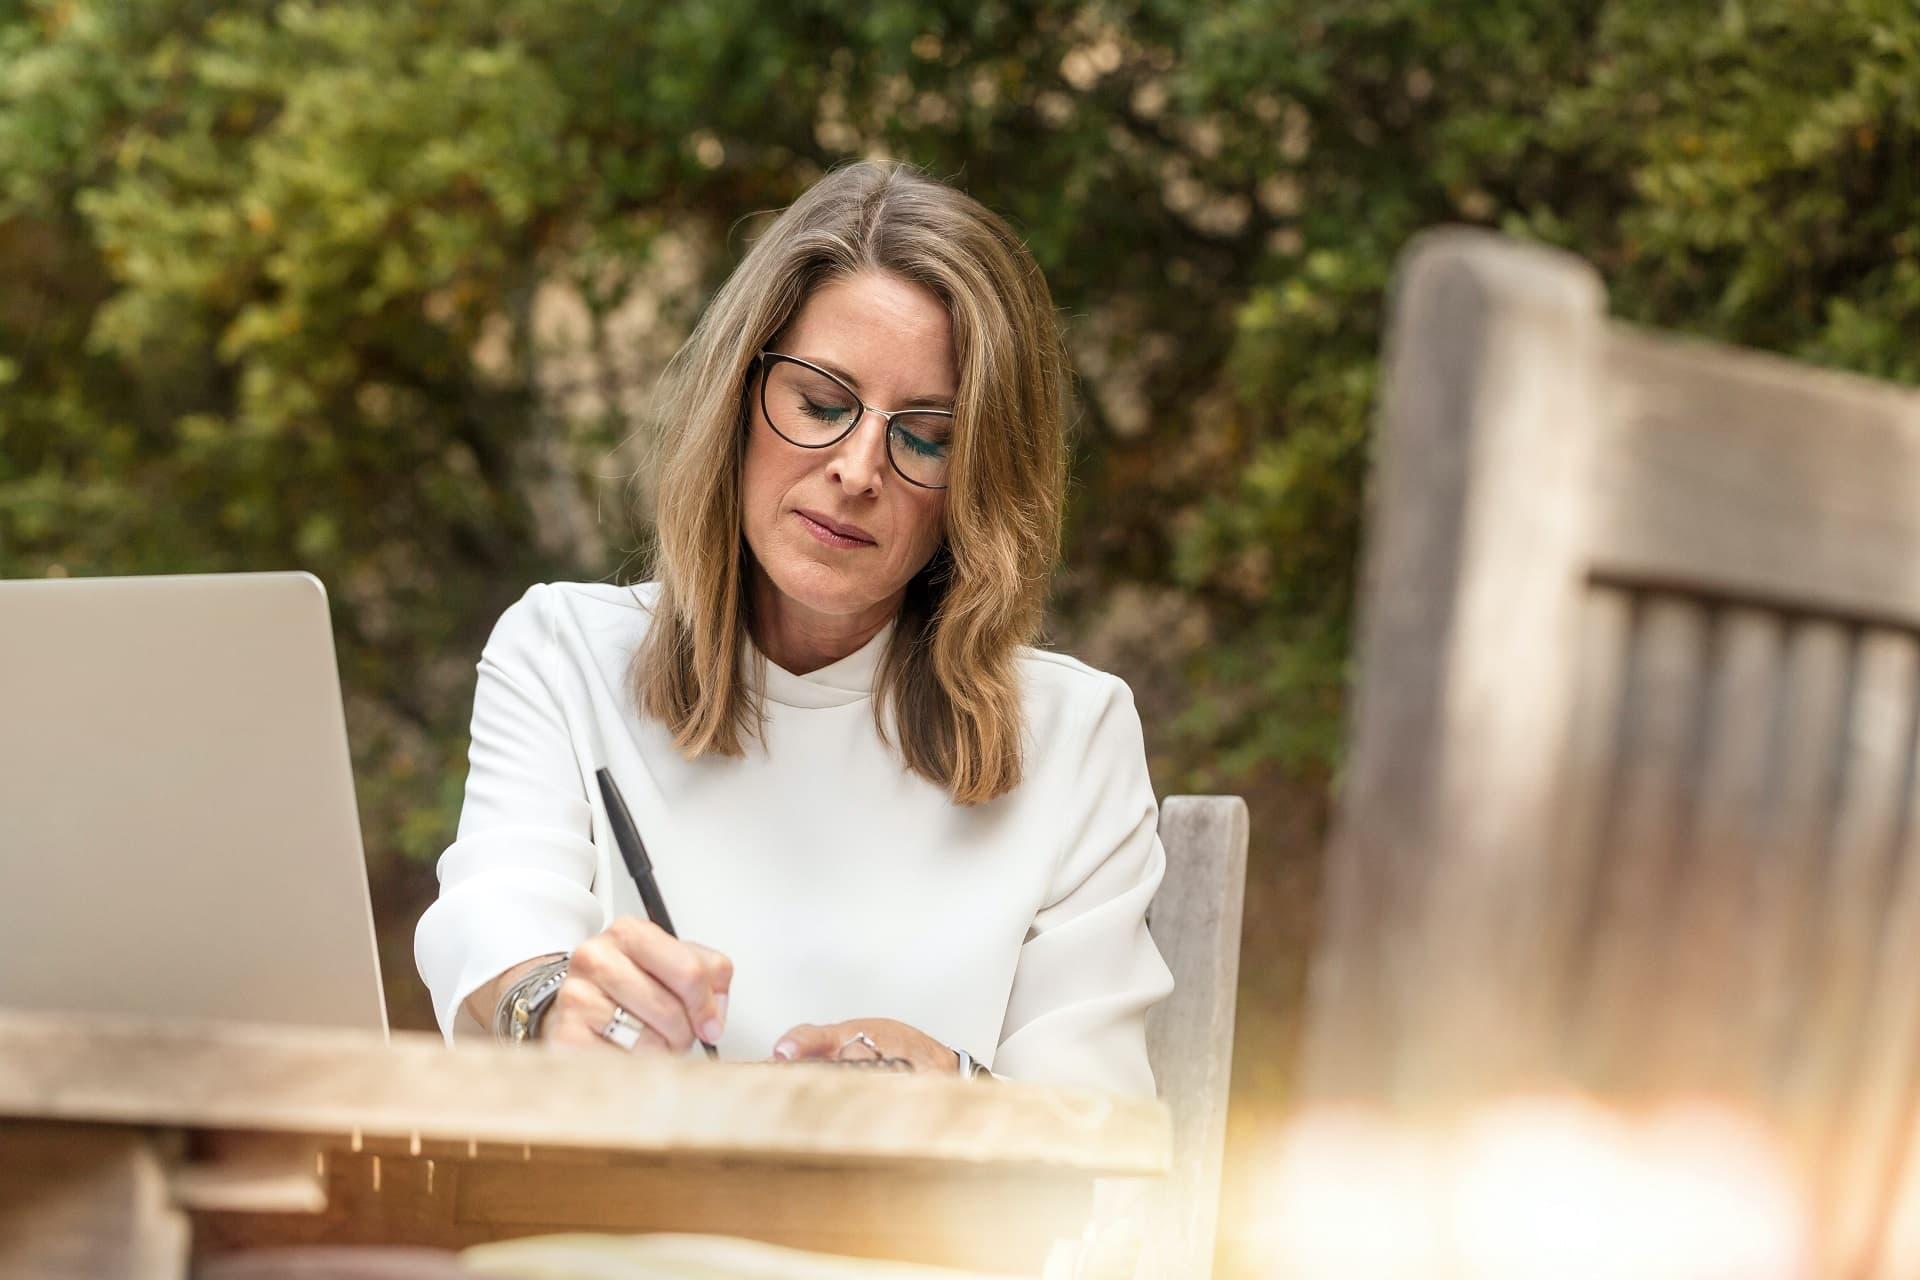 Frau mit Brille, die konzentriert arbeitet